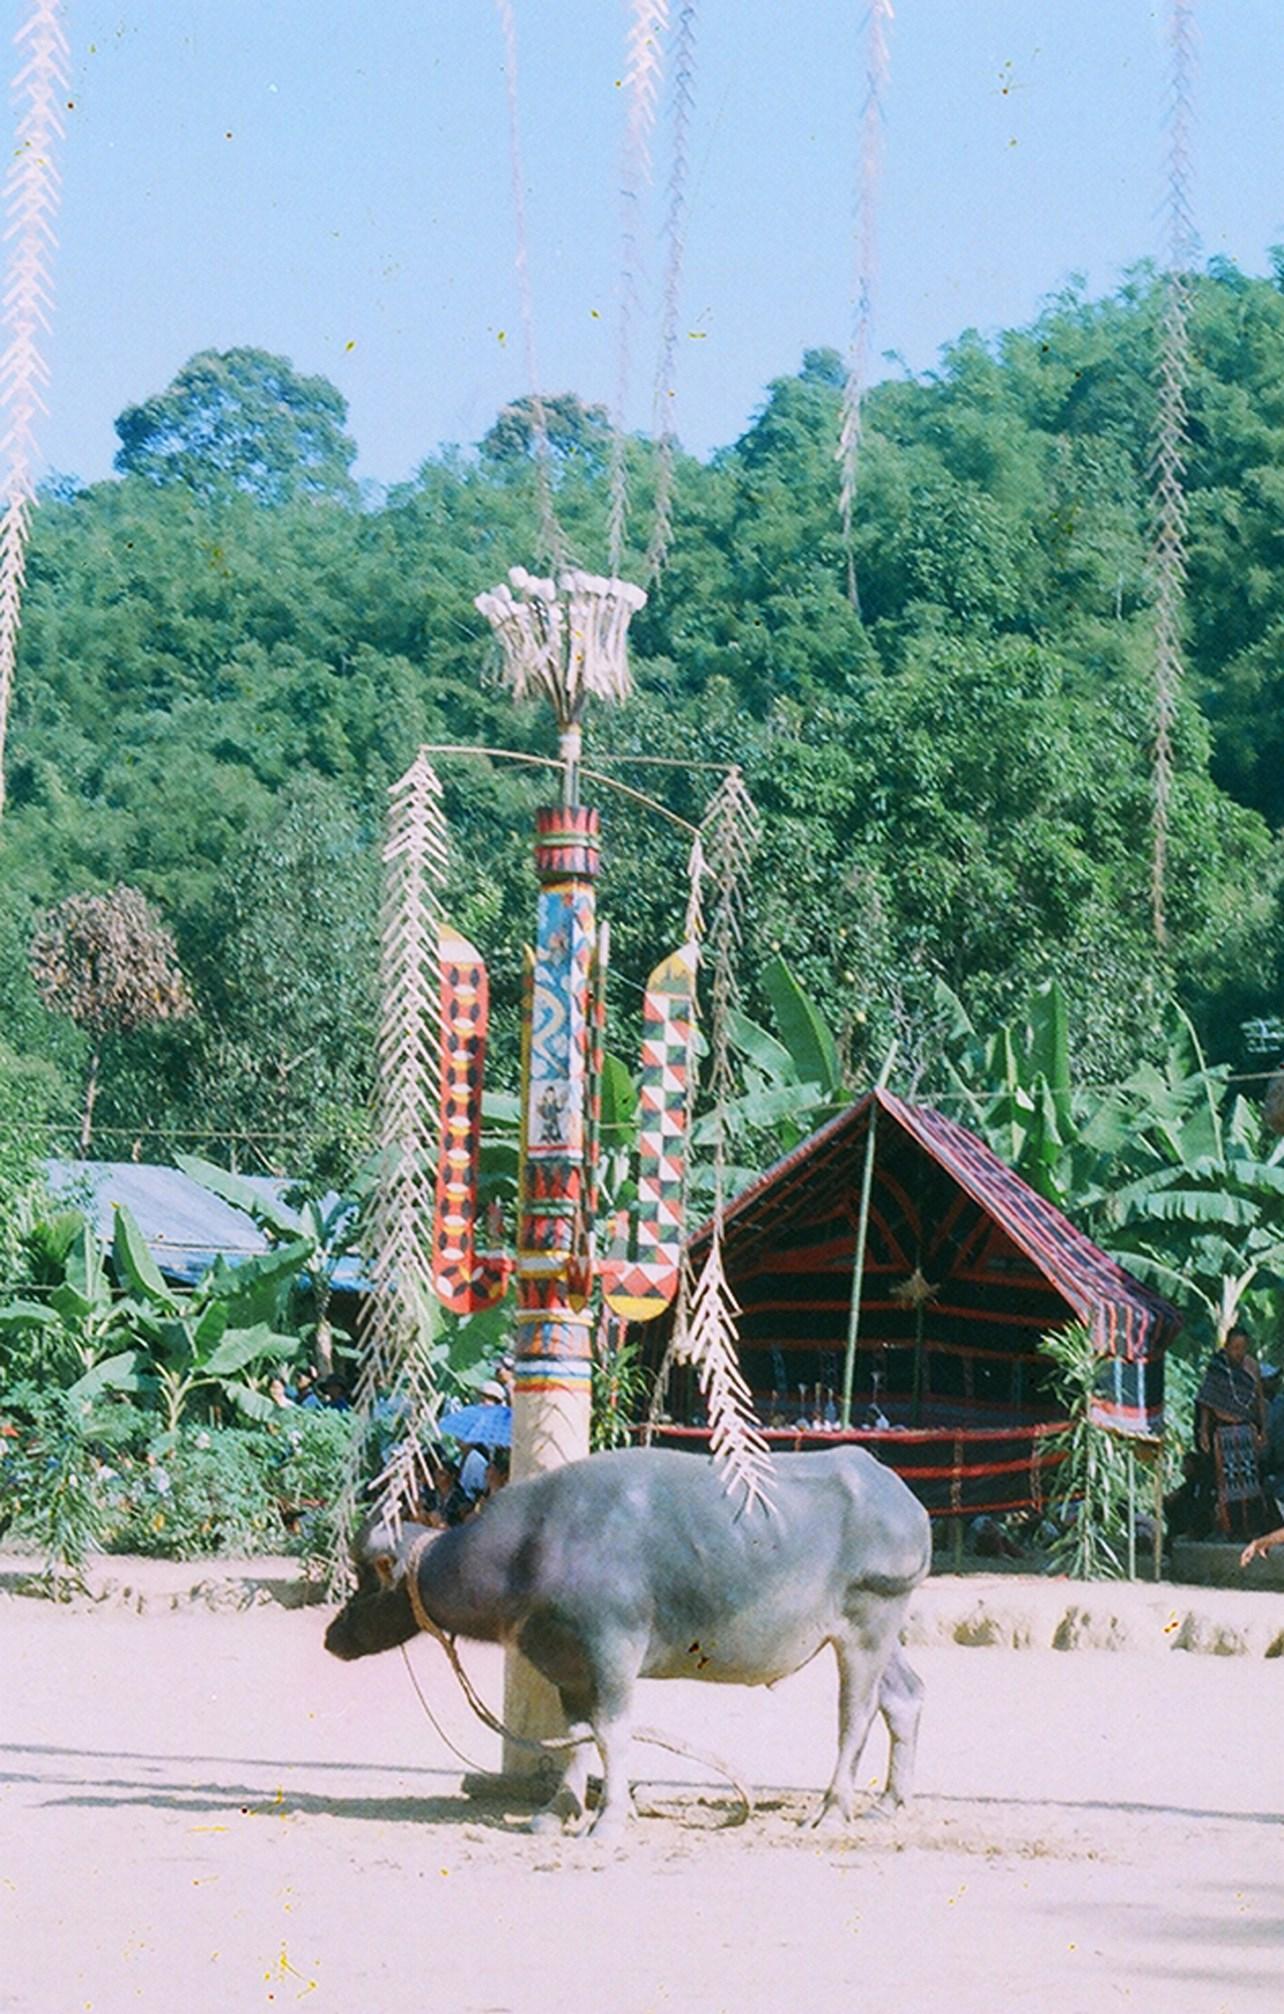 Với người Cơ Tu, trâu còn là con vật mang ý nghĩa tâm linh khi dùng để hiến sinh trong các lễ hội truyền thống